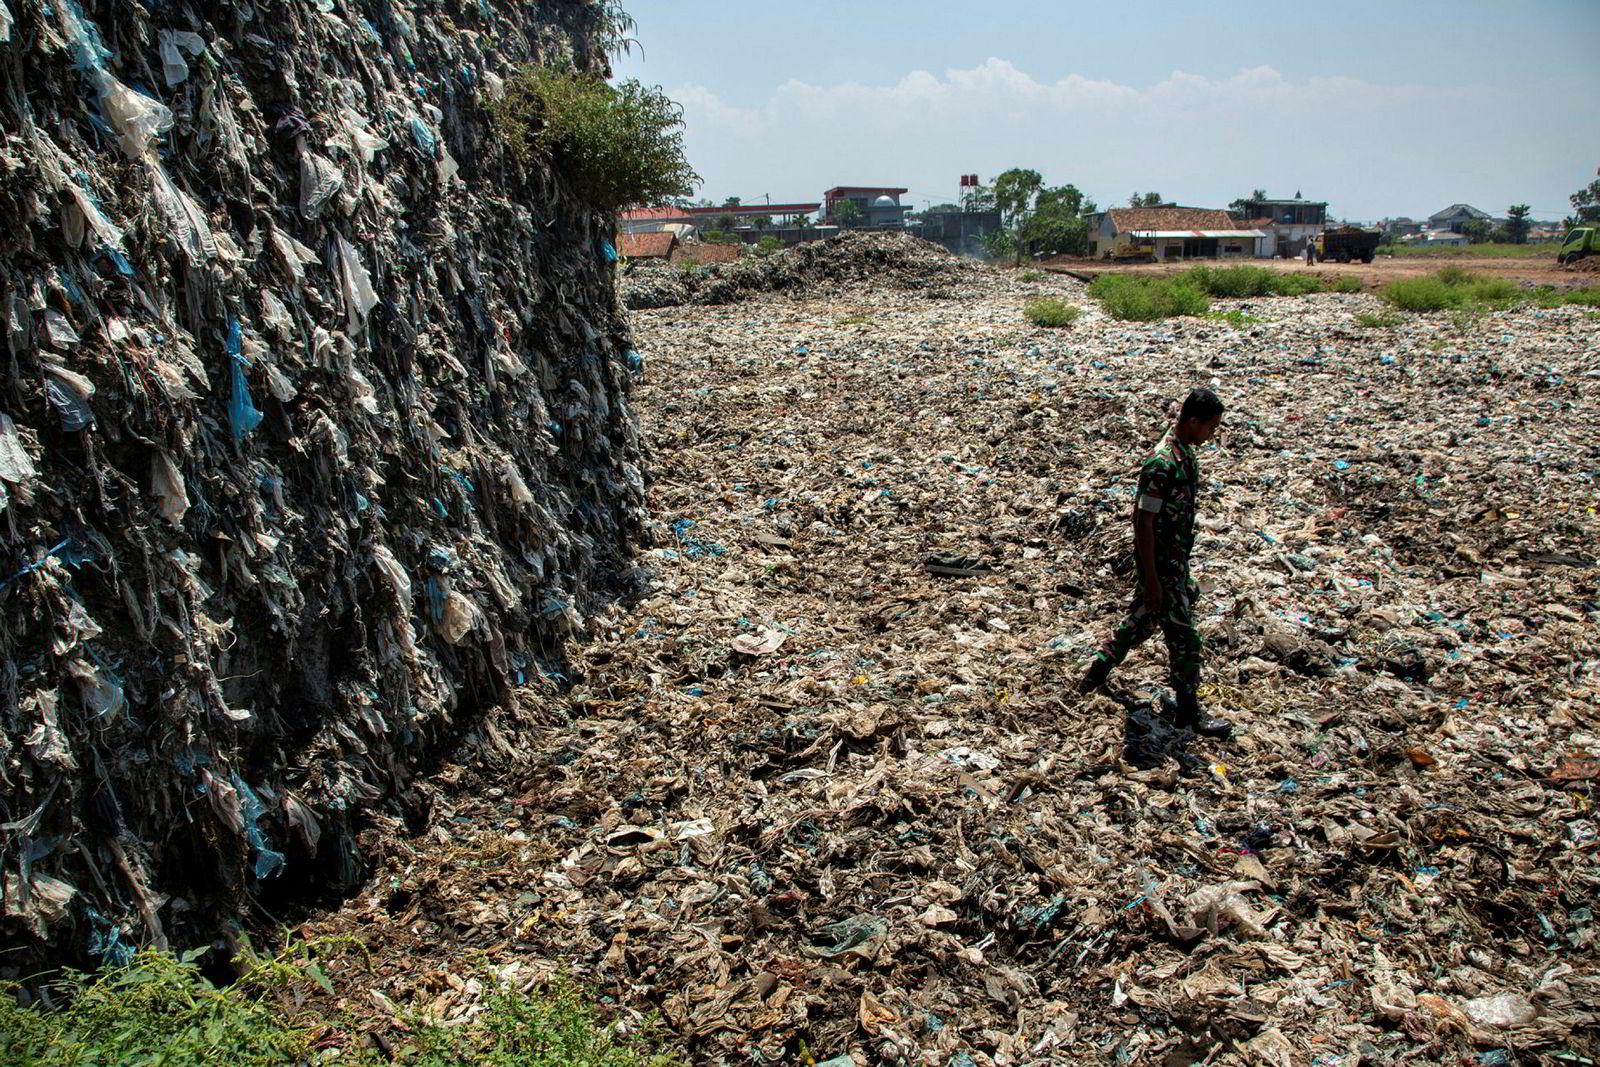 20 års arbeid med å hente plastavfall ut av Citarum-elven har resultert i et enormt søppelberg. Avfallet passes på av den indonesiske hæren.